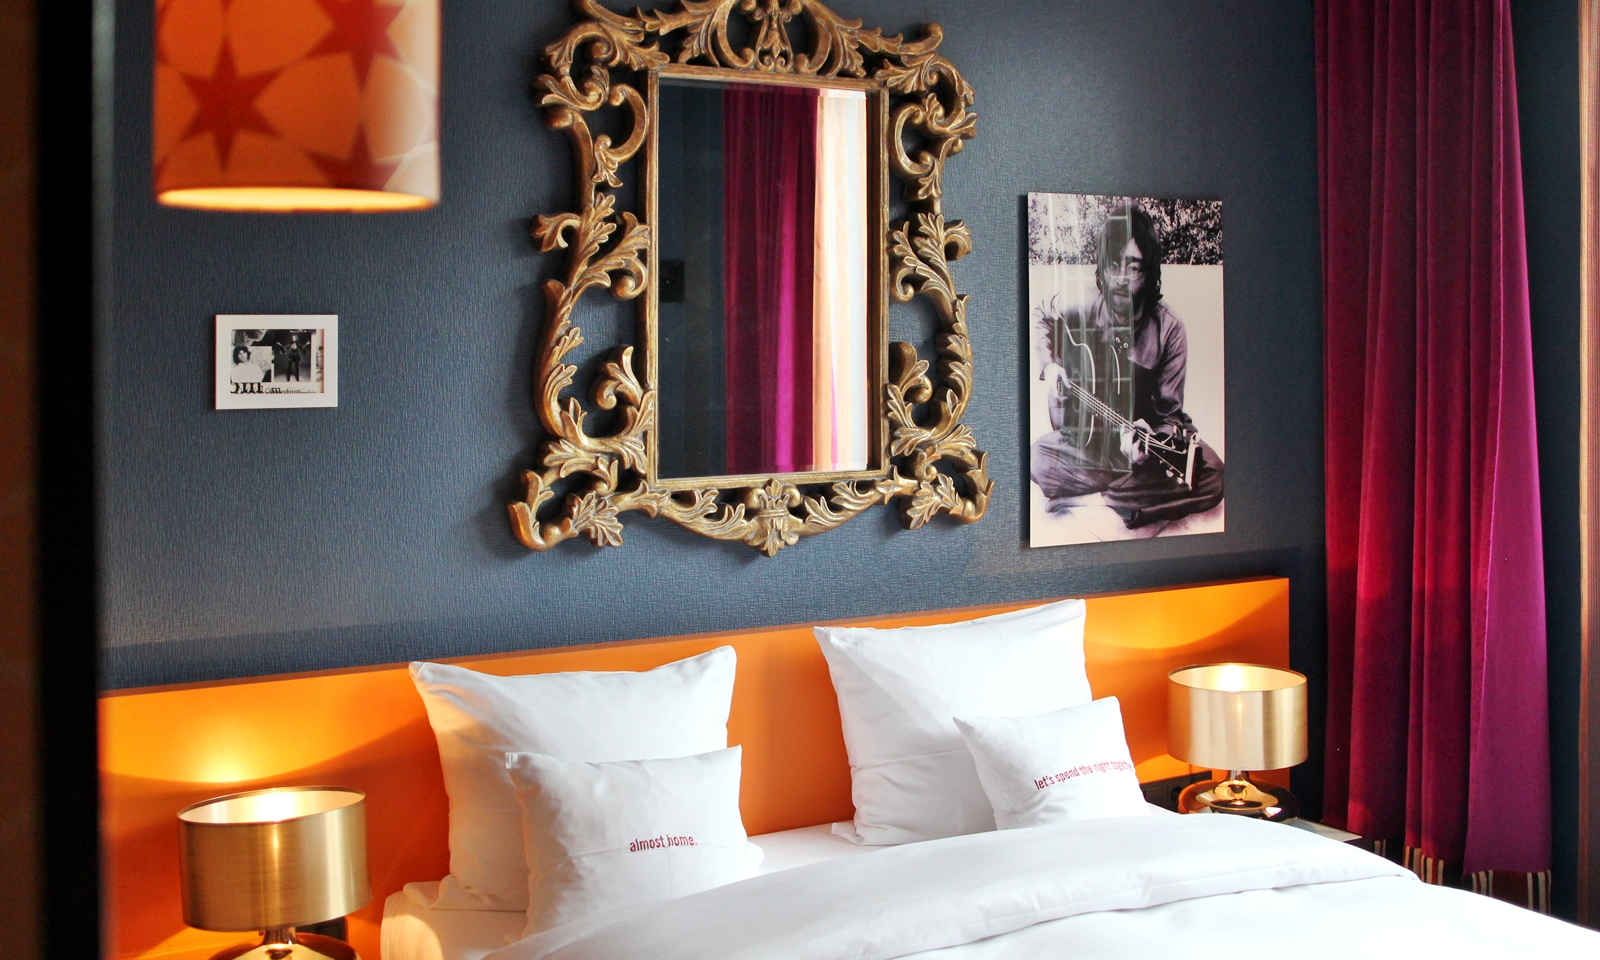 25 hours frankfurt 70er jahre hotelzimmer lavie deboite. Black Bedroom Furniture Sets. Home Design Ideas